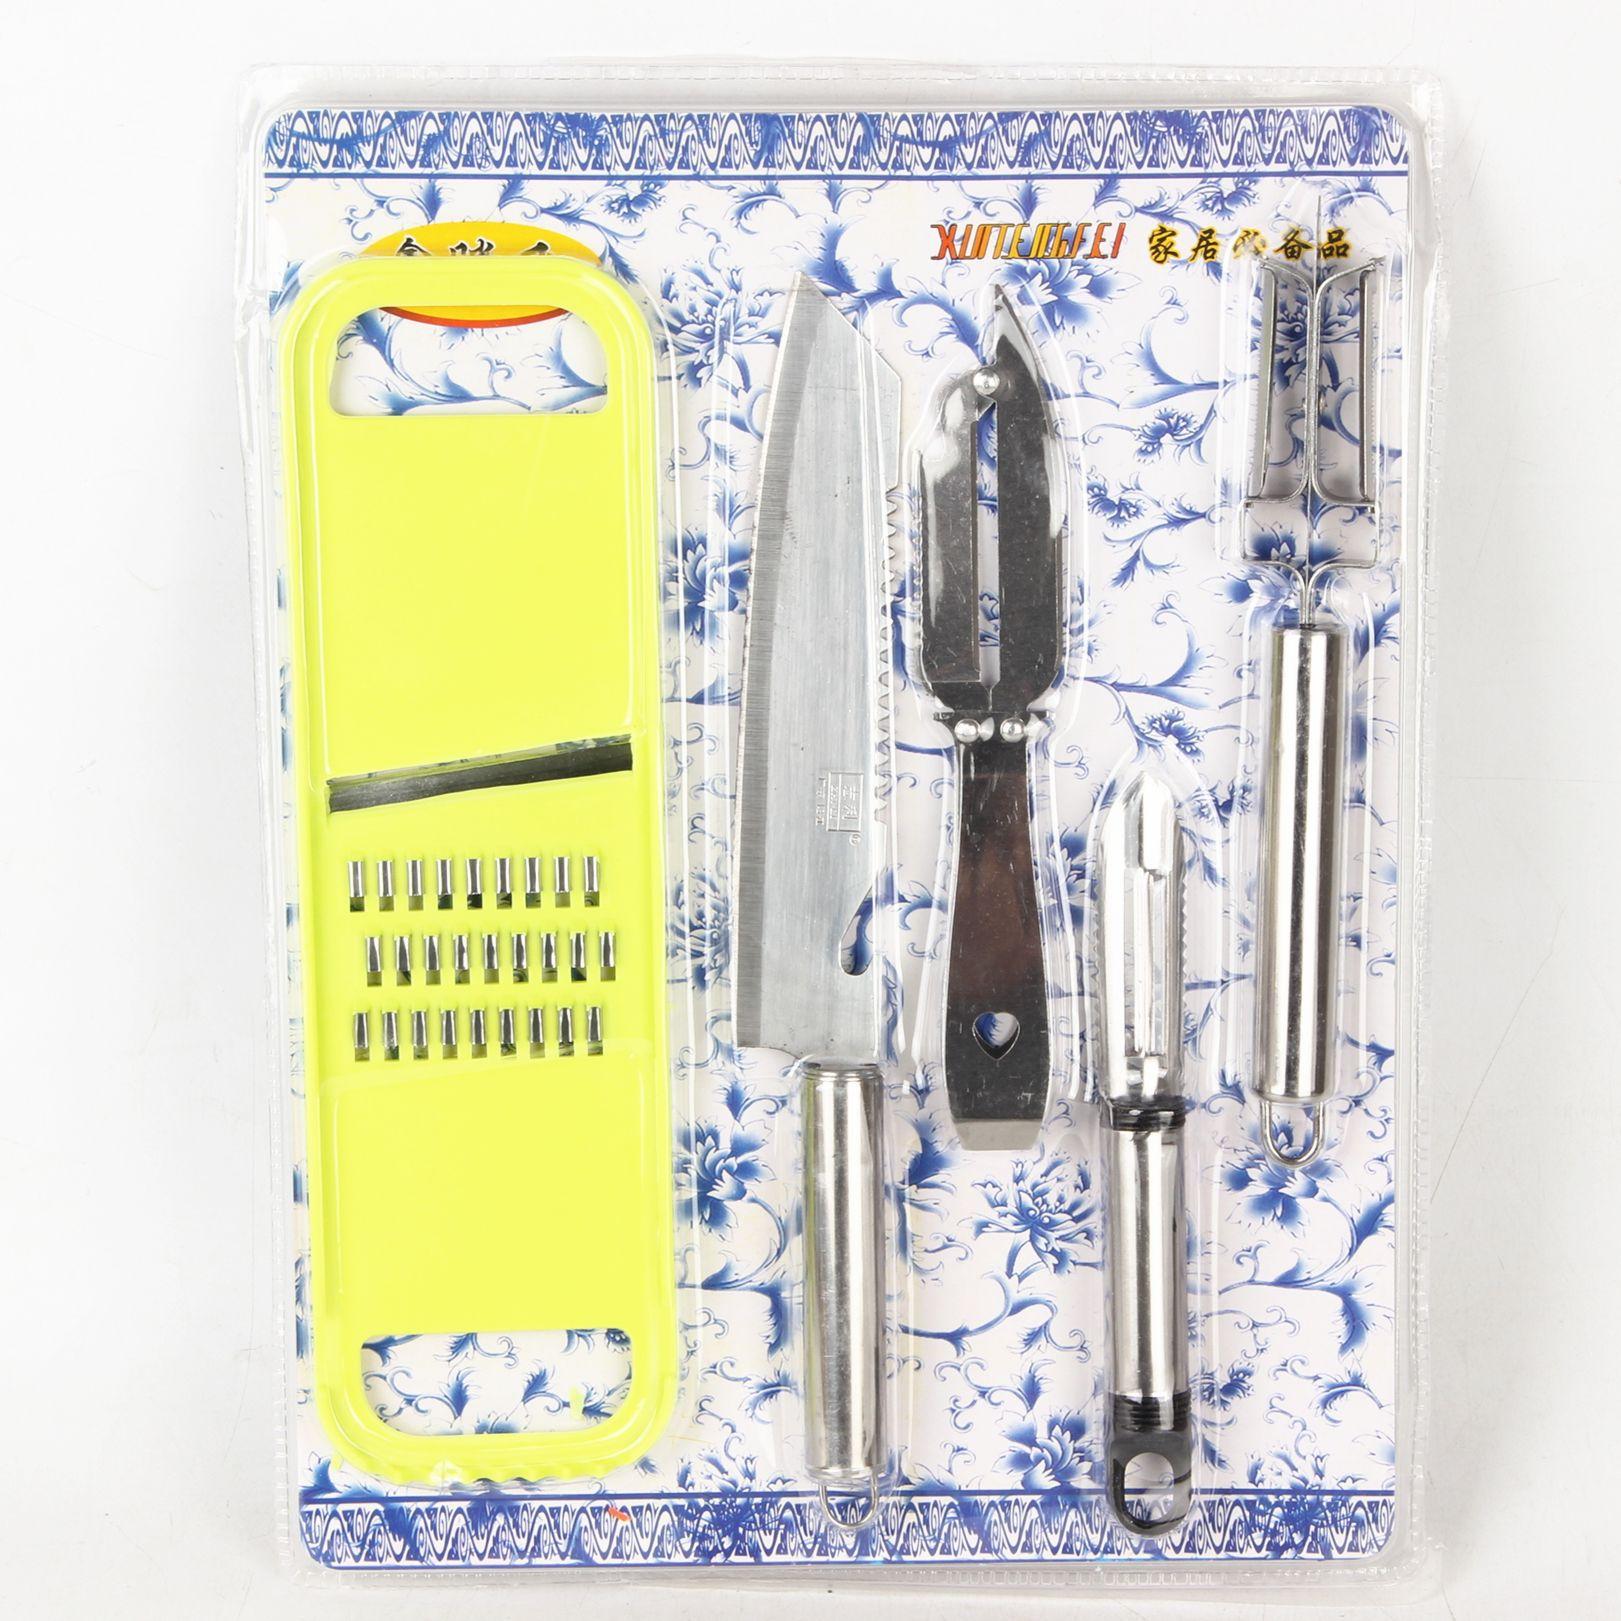 厨房5个刀具组合套装 打皮刀 菜收子 厨房小工具礼品 10元店货源